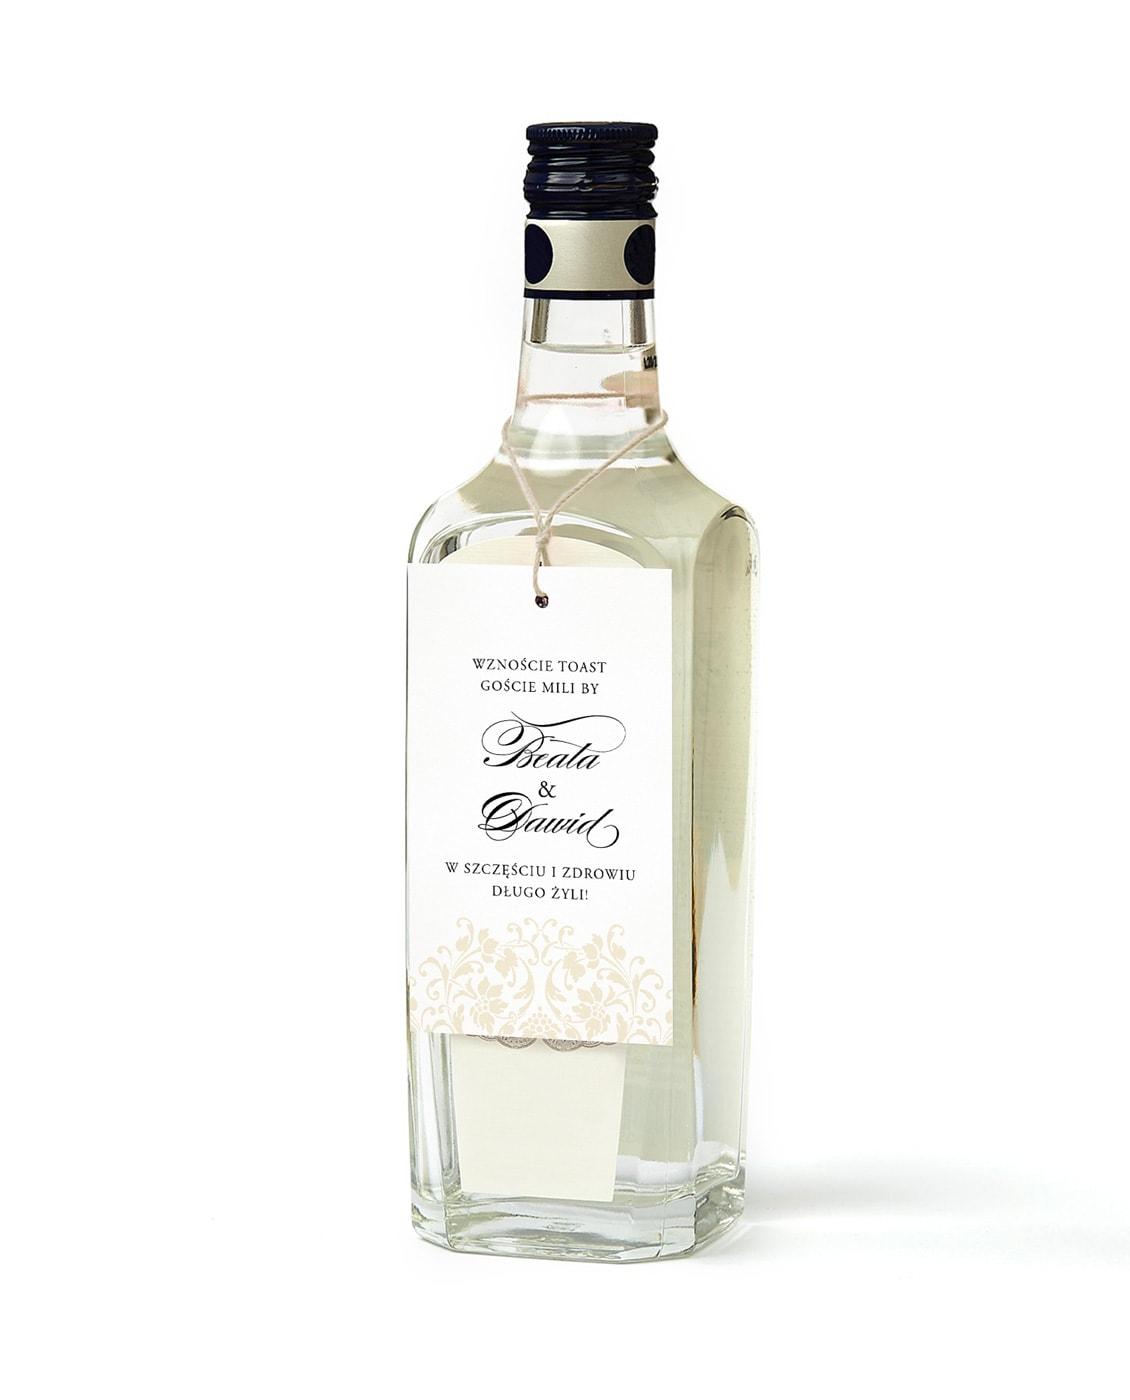 Białe zawieszki ze złotym sznureczkiem do powieszenia na butelkach